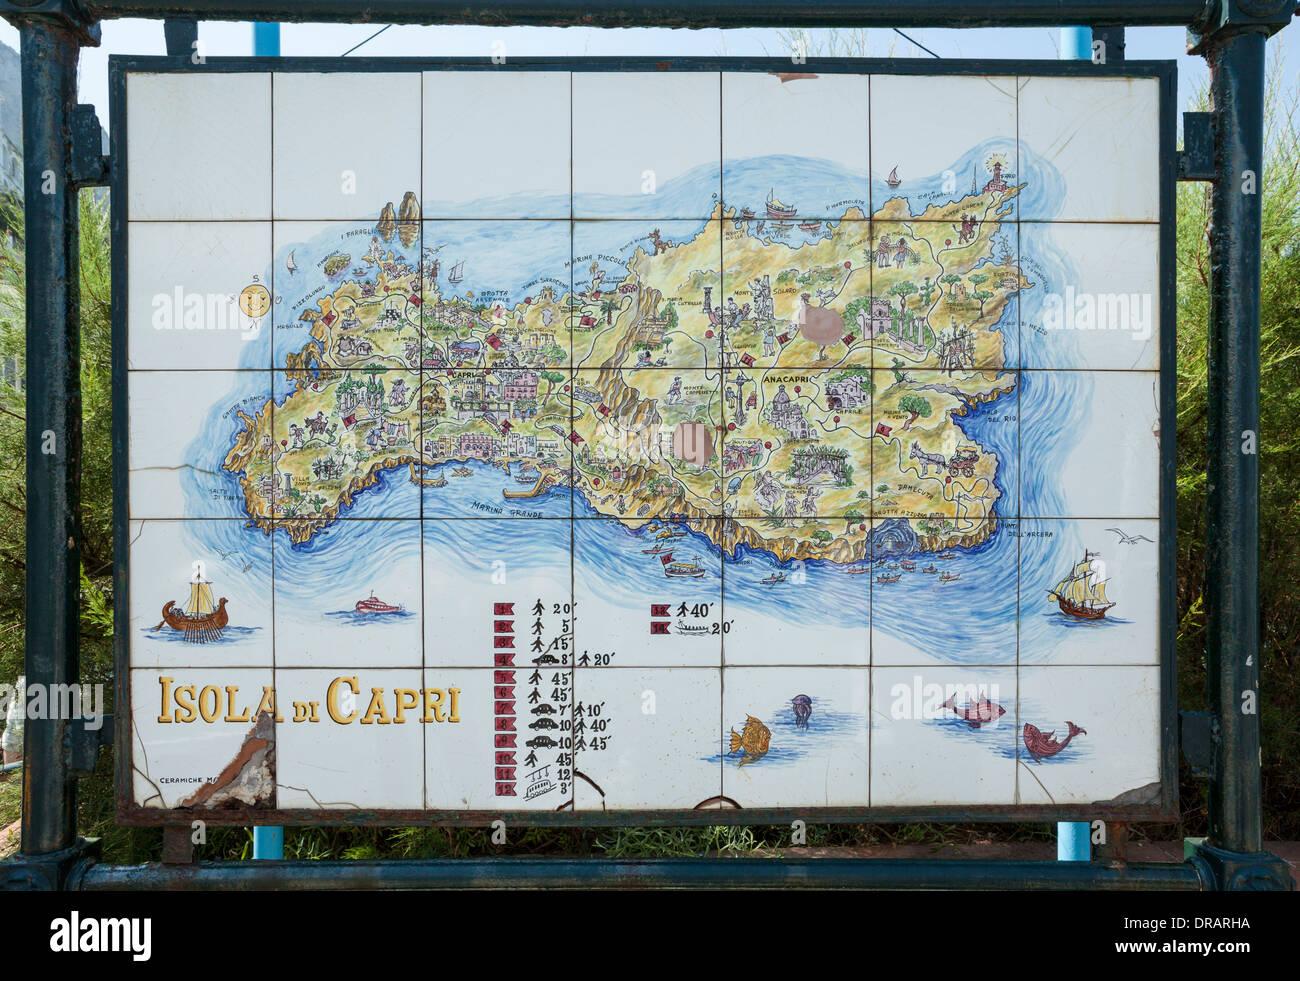 Ceramic Tiles Map Stock Photos & Ceramic Tiles Map Stock Images - Alamy